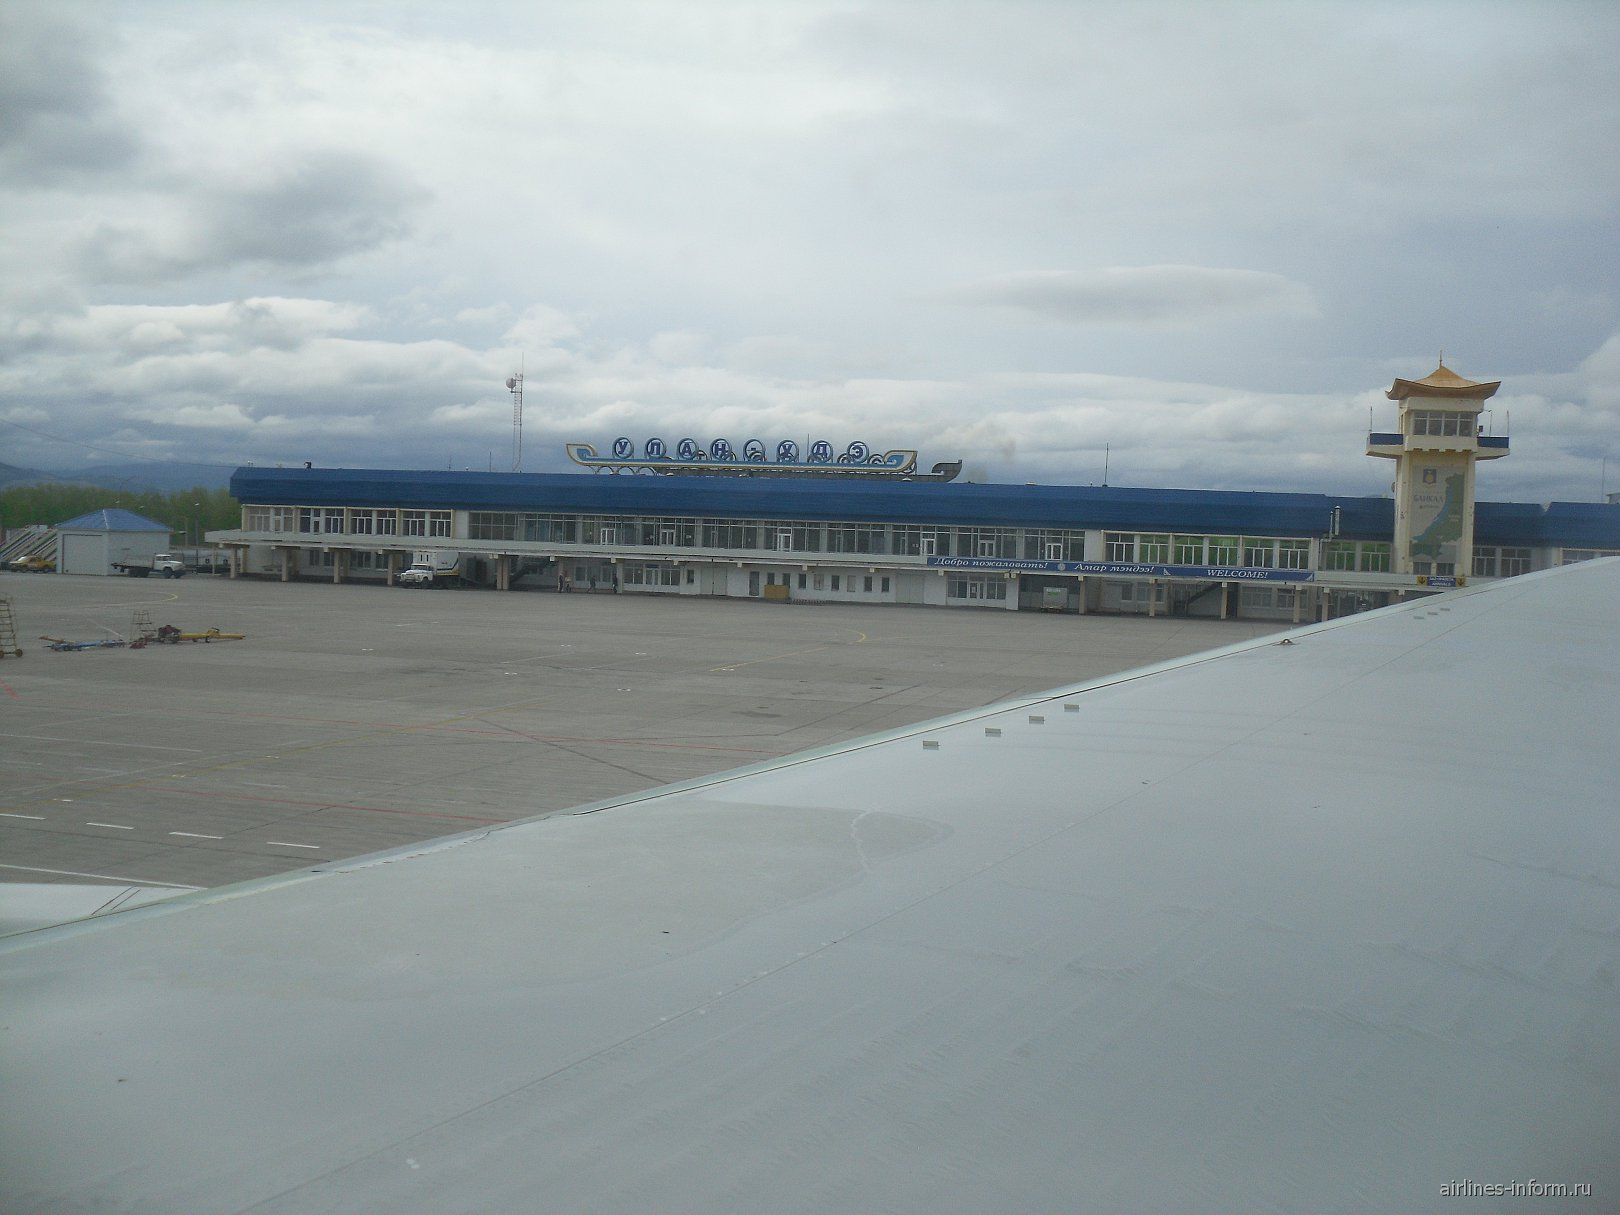 Аэропорт Байкал города Улан-Удэ